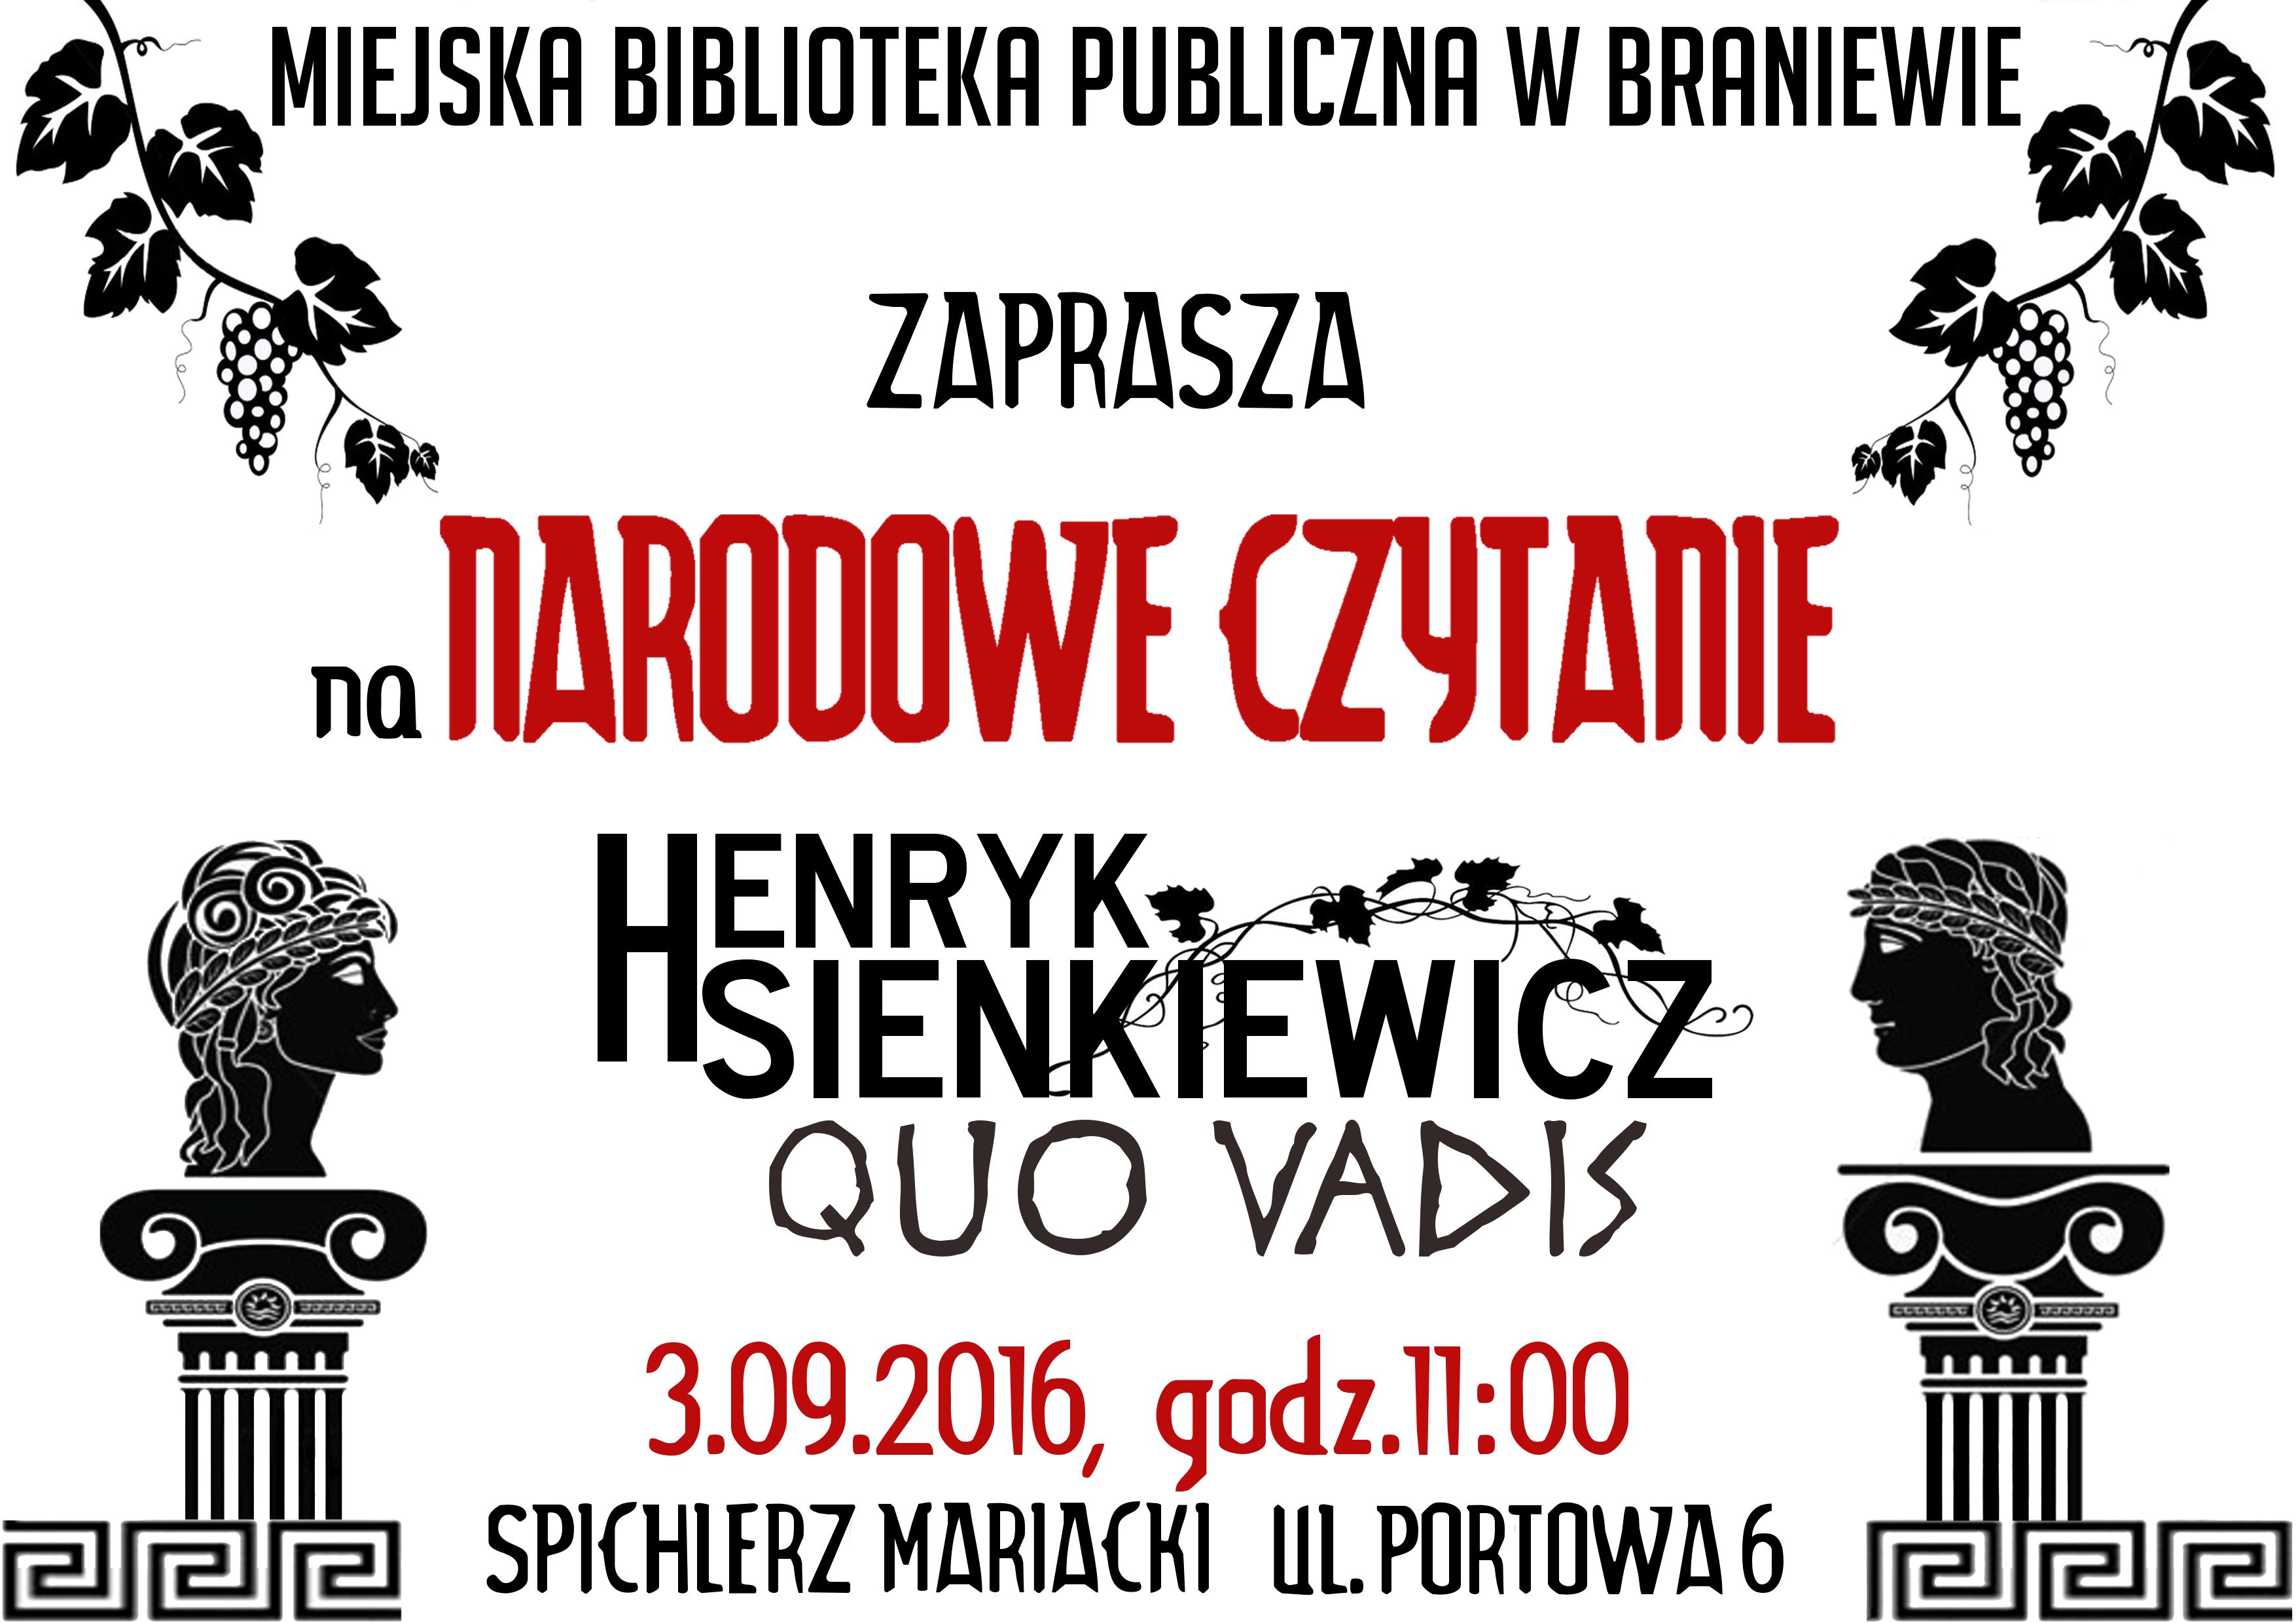 Narodowe Czytanie 2016 Tym Razem Quo Vadis Braniewo